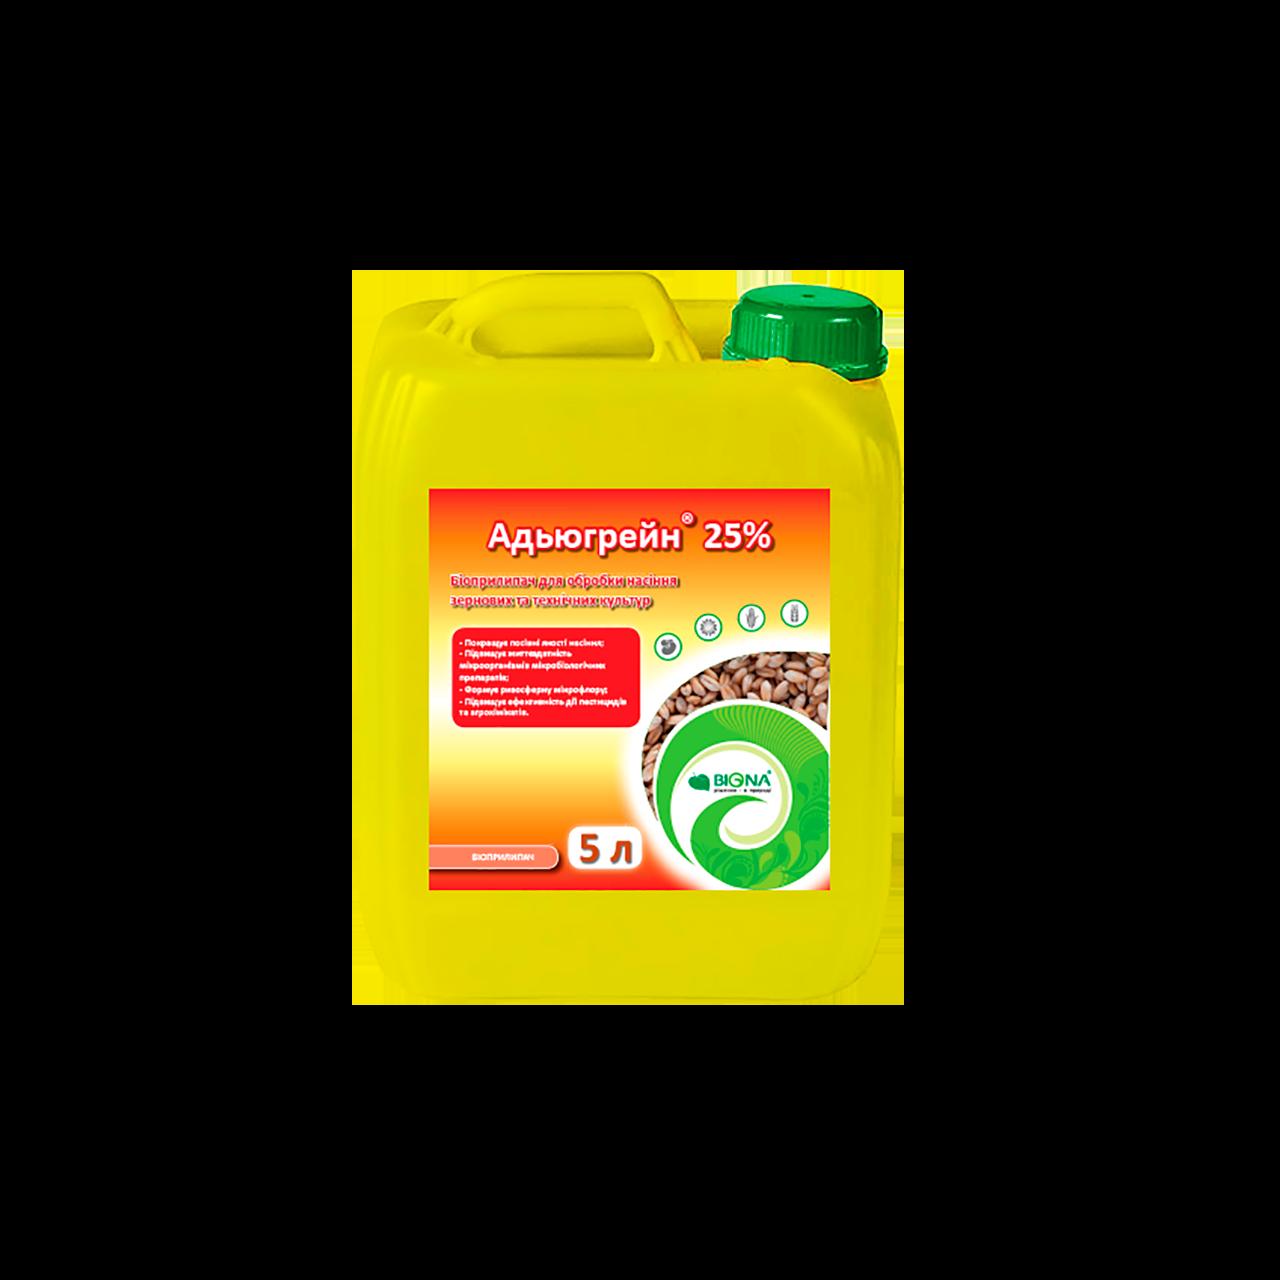 Адьюгрейн® 25% – Біопрепарат, прилипач - стабілізатор для обробки насіння – купити від виробника в Україні